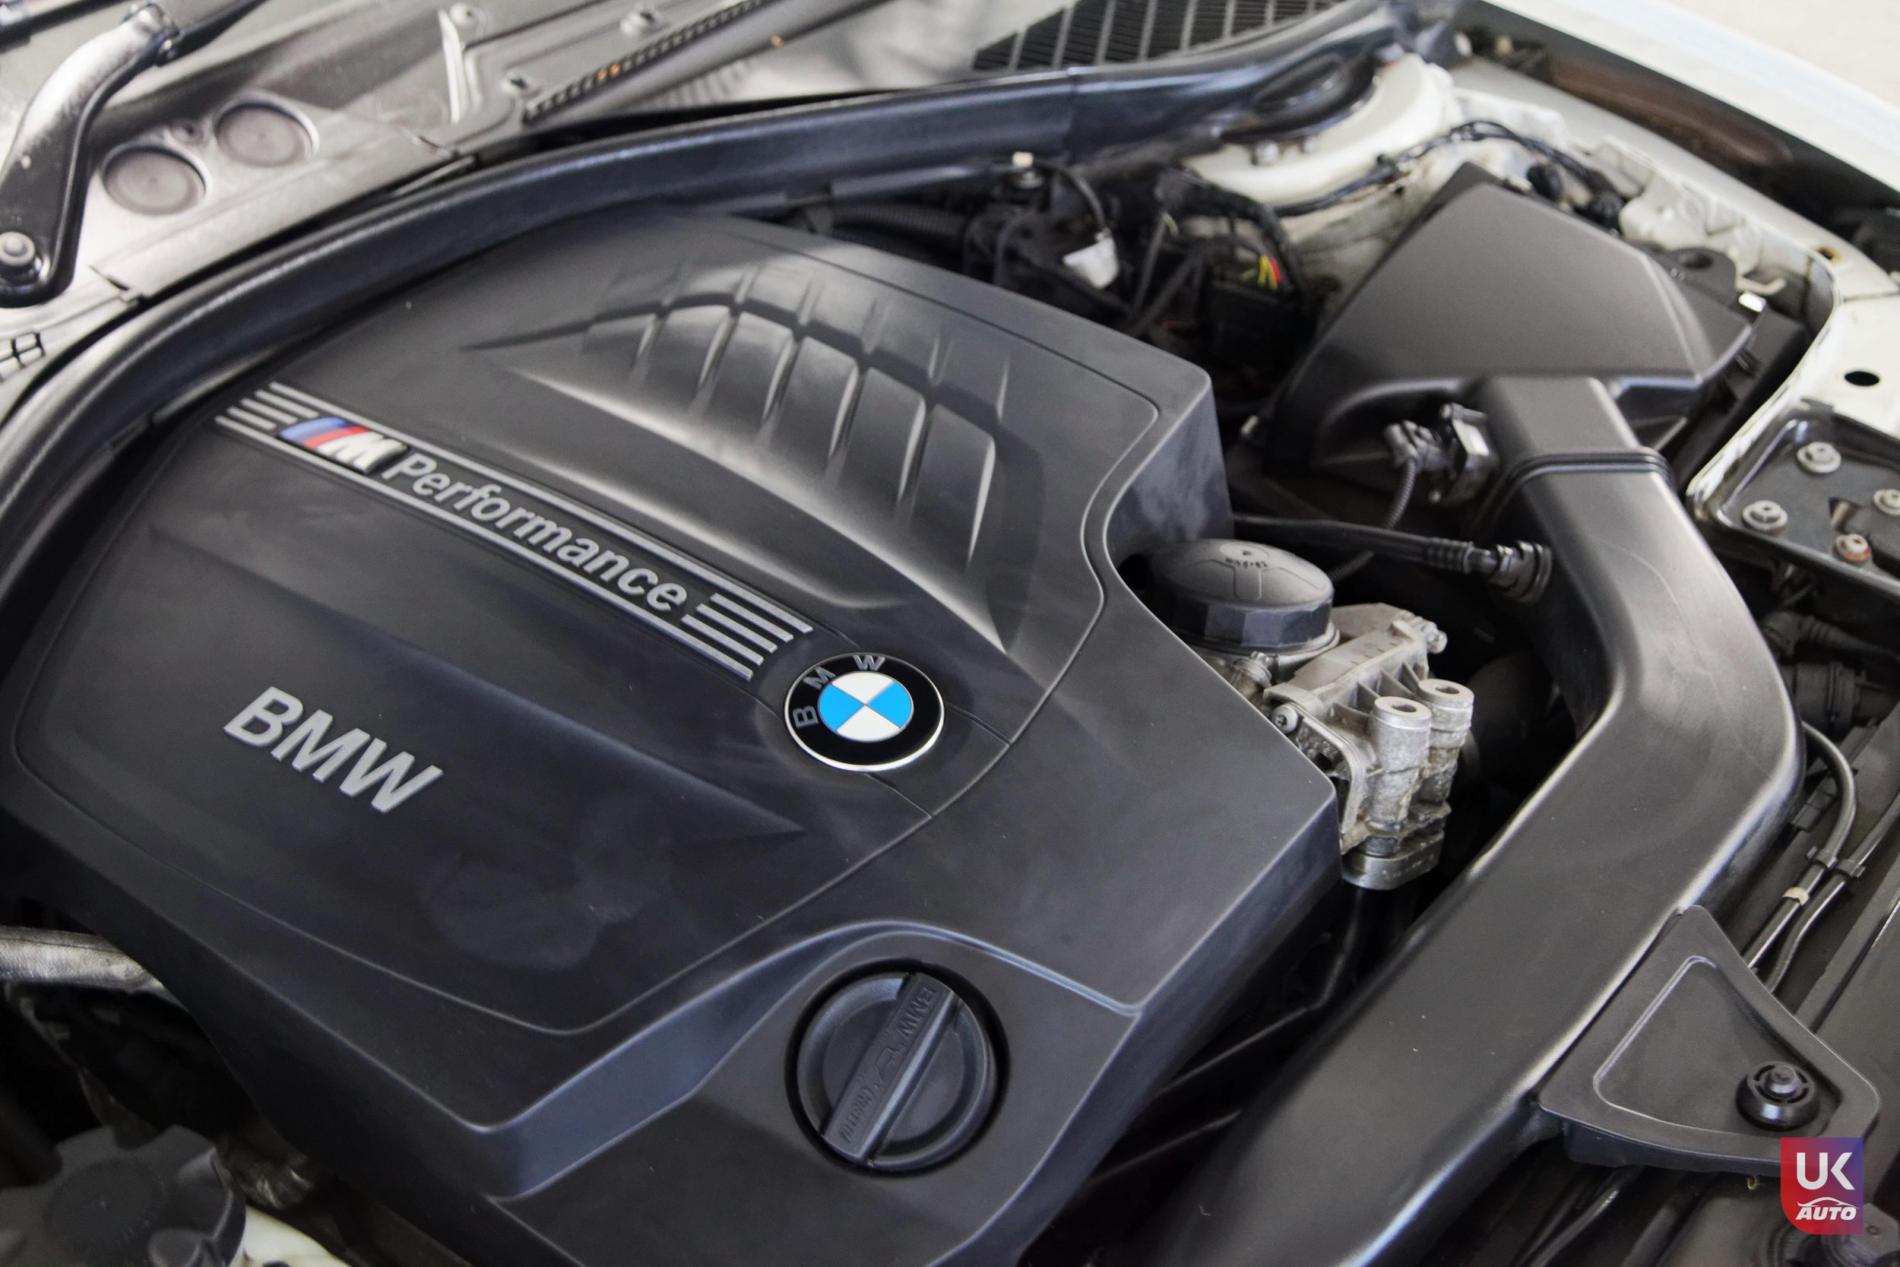 BMW RHD BMW VOLANT A DROITE IMPORT BMW M135i RHD PARFAIT BMW OCCASION POUR NOTRE CLIENT SEBASTIEN TOUTES NOS FELICITATIONS12 - BMW RHD BMW VOLANT A DROITE IMPORT BMW M135i RHD PARFAIT BMW OCCASION POUR NOTRE CLIENT SEBASTIEN TOUTES NOS FELICITATIONS